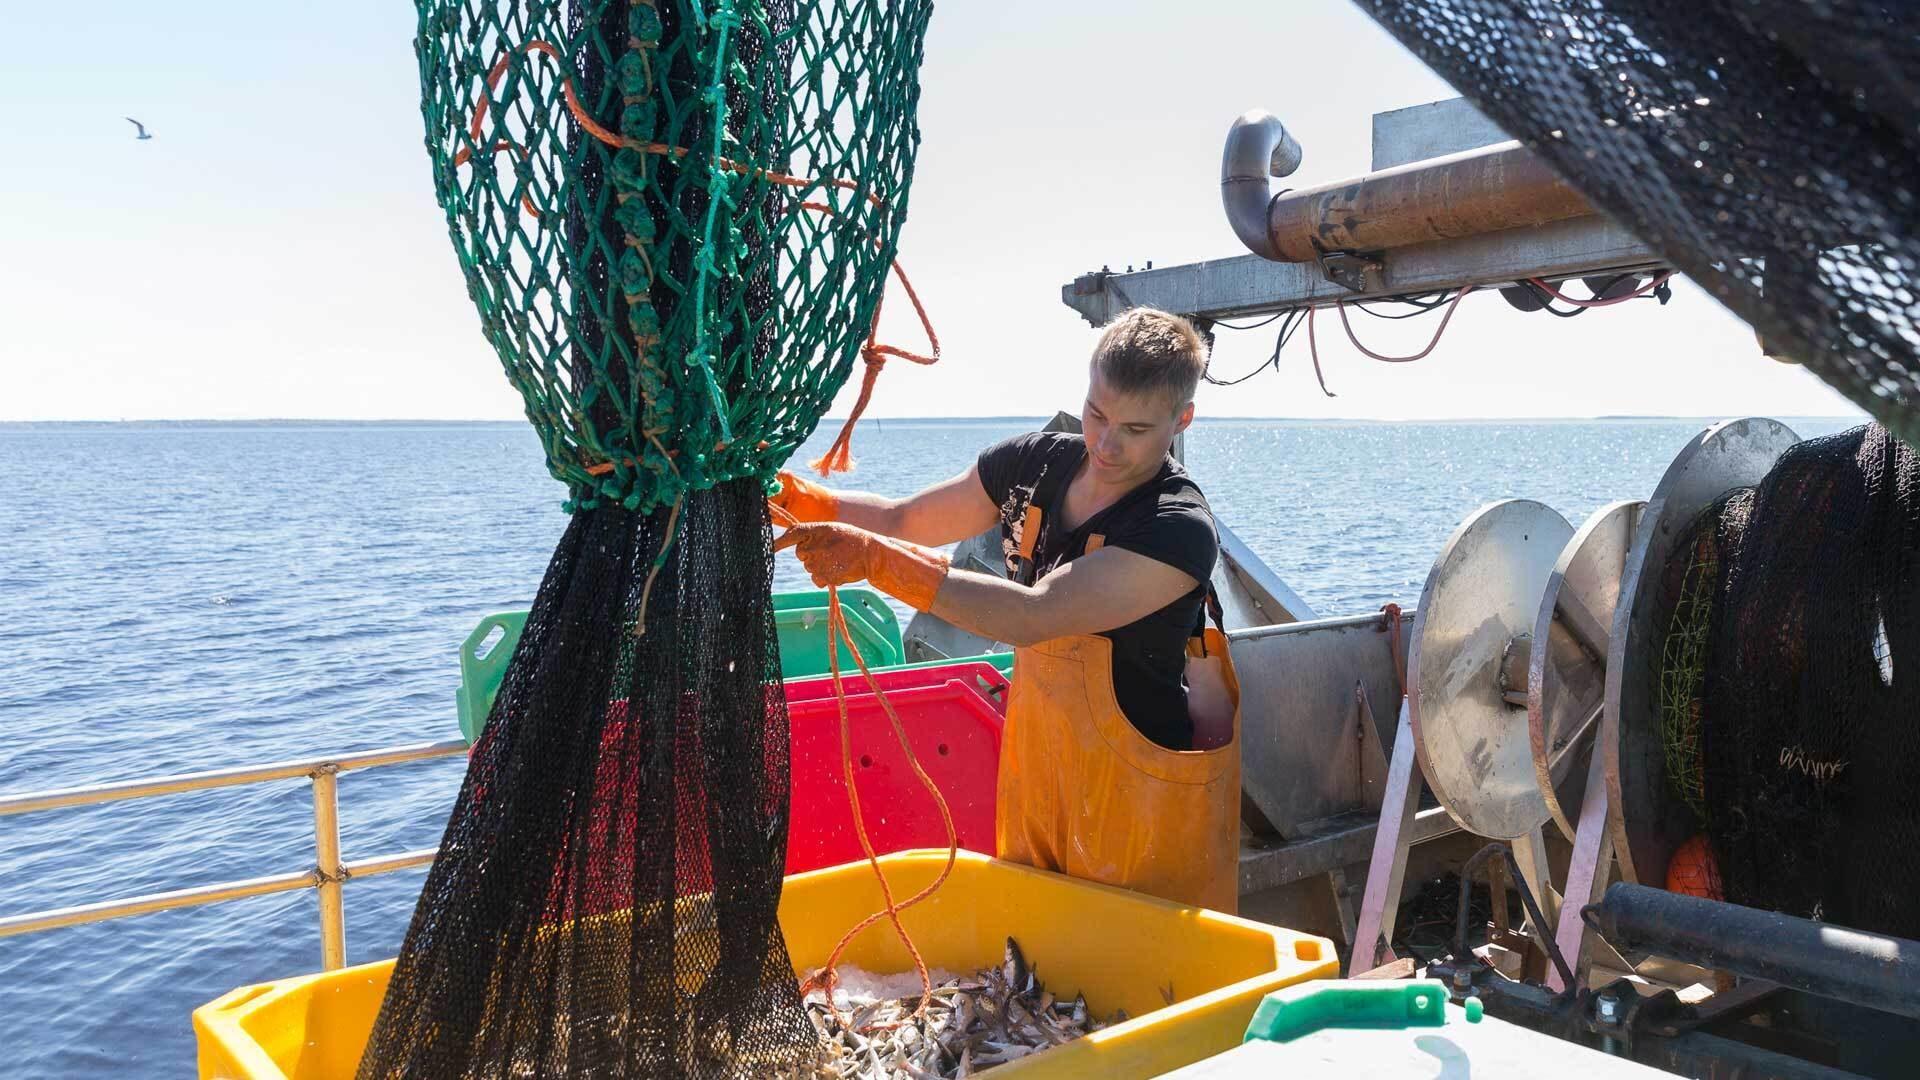 Kalastaja Jarkko Ålander | Kalastajalle kiitos -kampanja, Hätälä